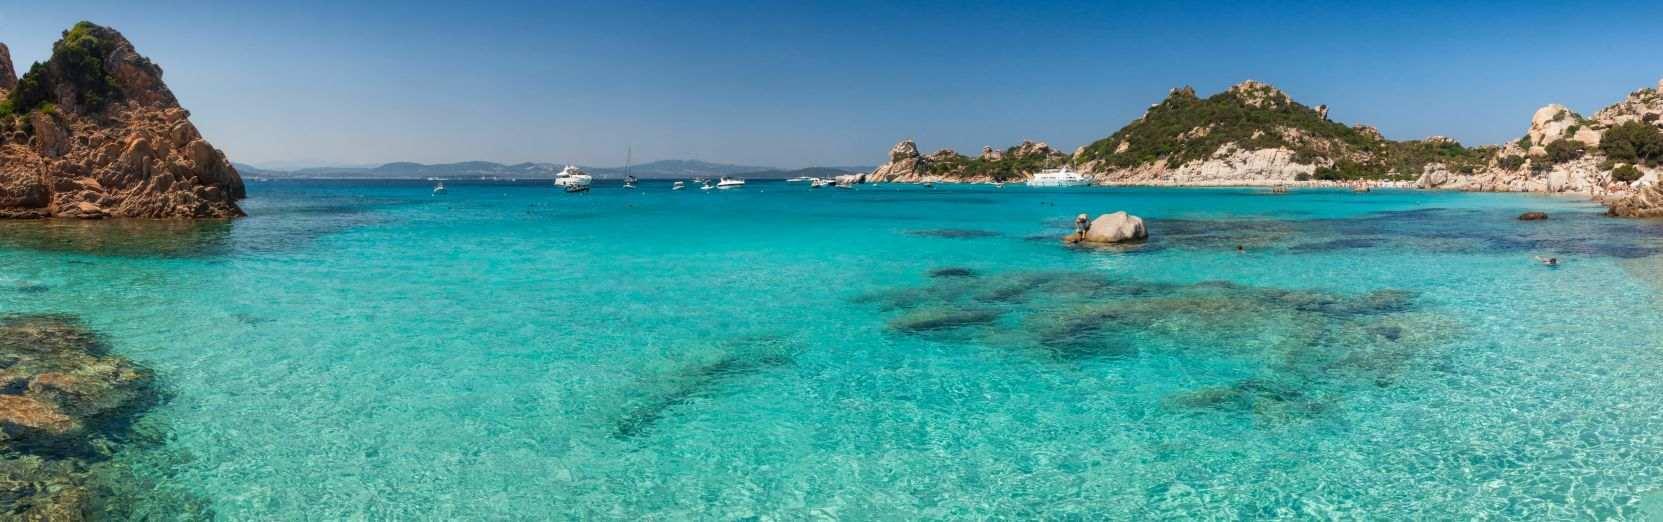 Reisen auf Sardinien